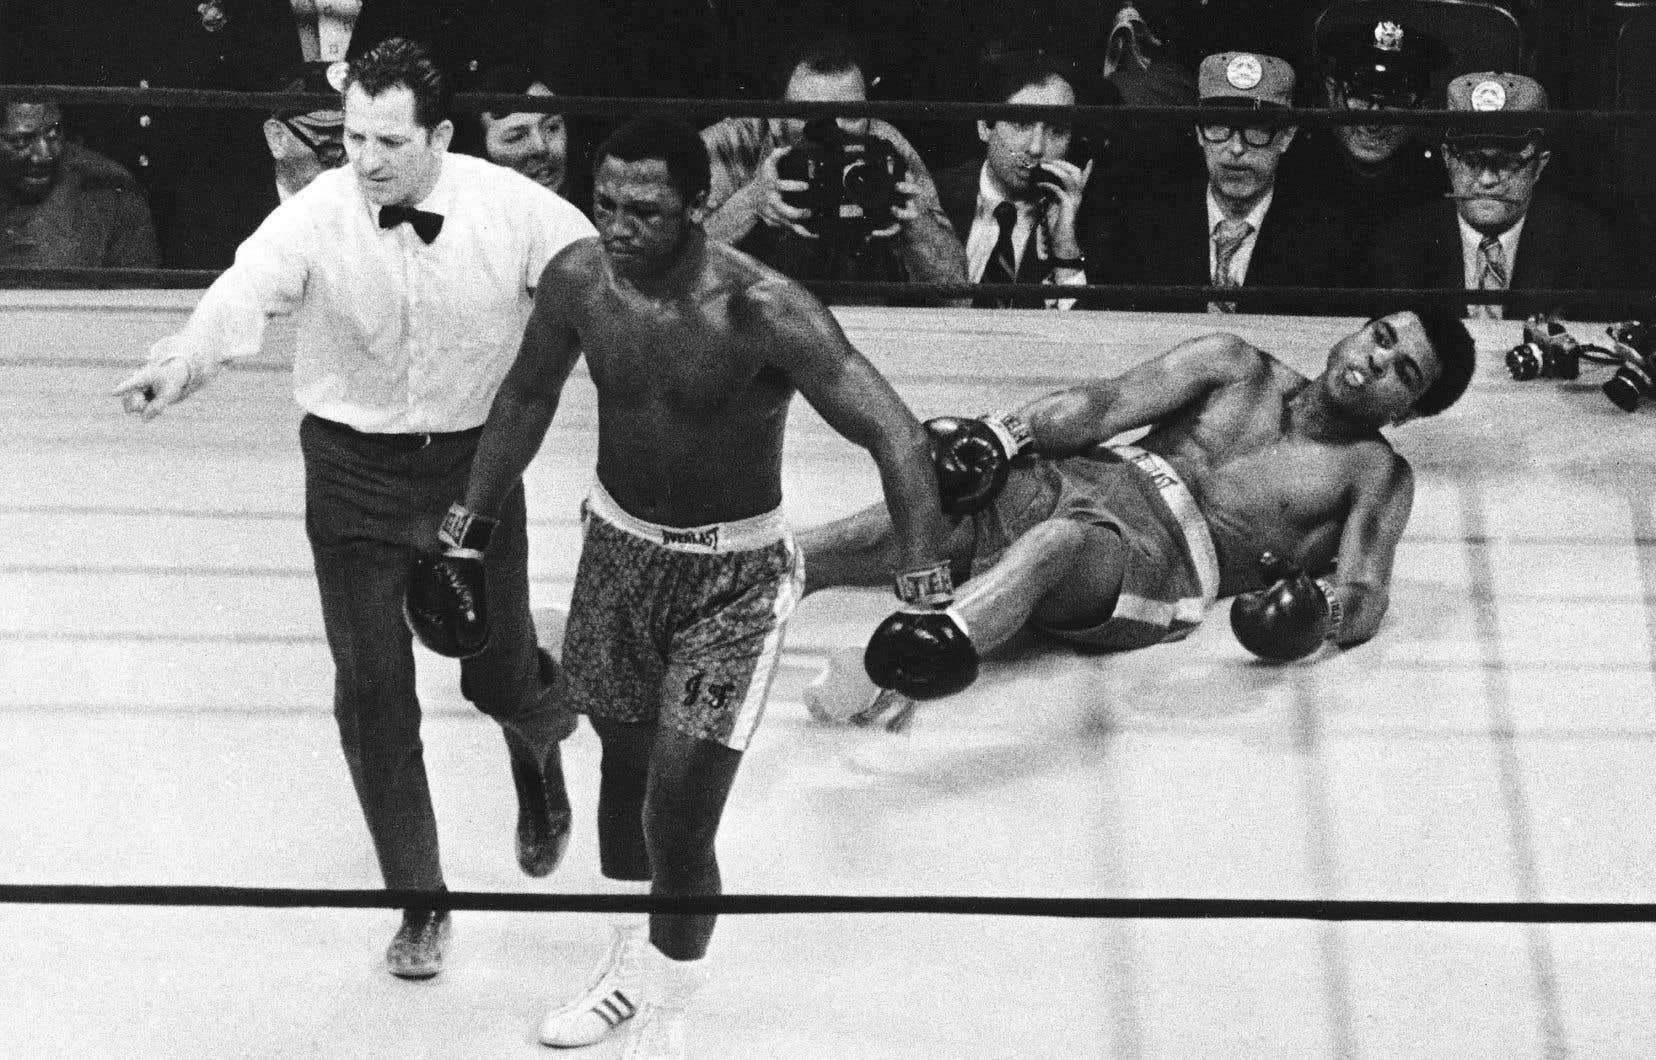 À la stupeur générale, Ali s'est retrouvé au tapis ce lundi 8 mars 1971, à New York.